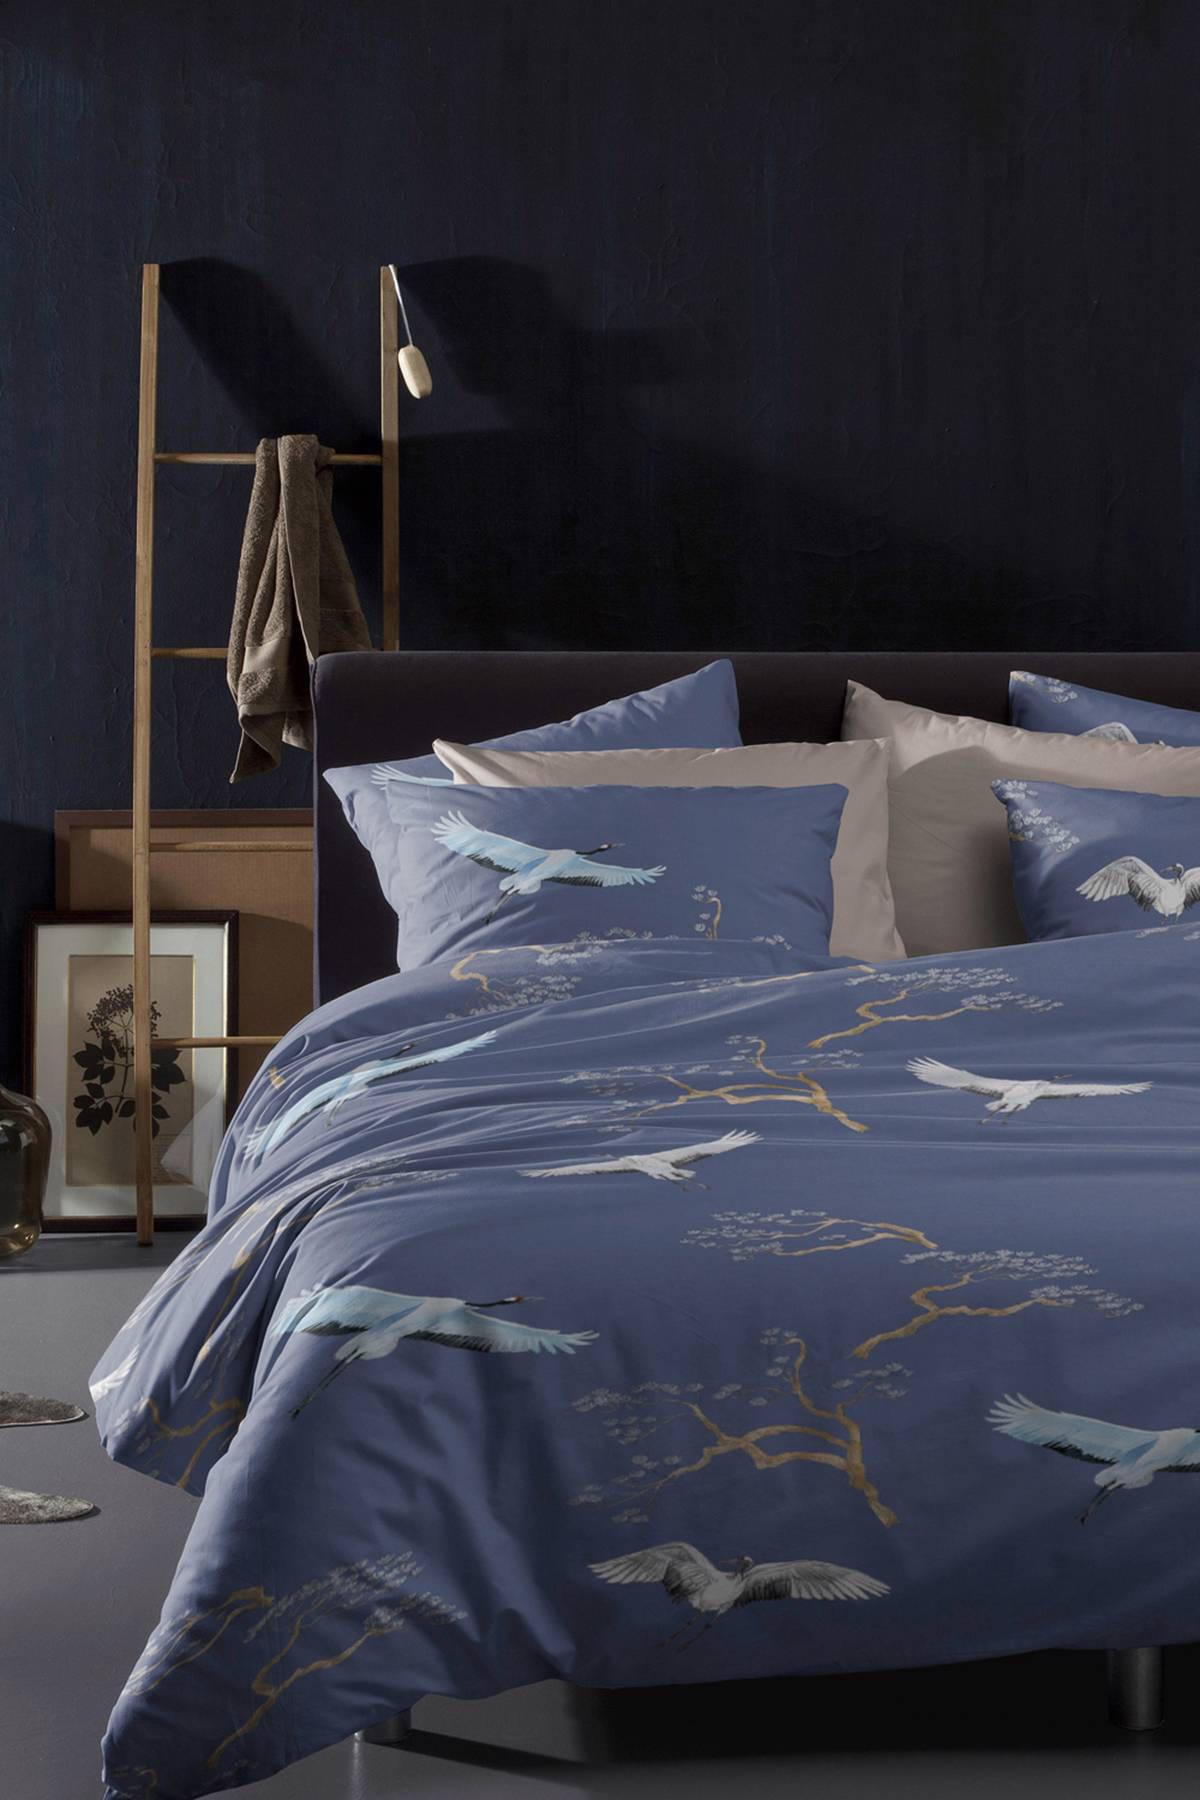 damai katoenen dekbedovertrek lits jumeaux blauw